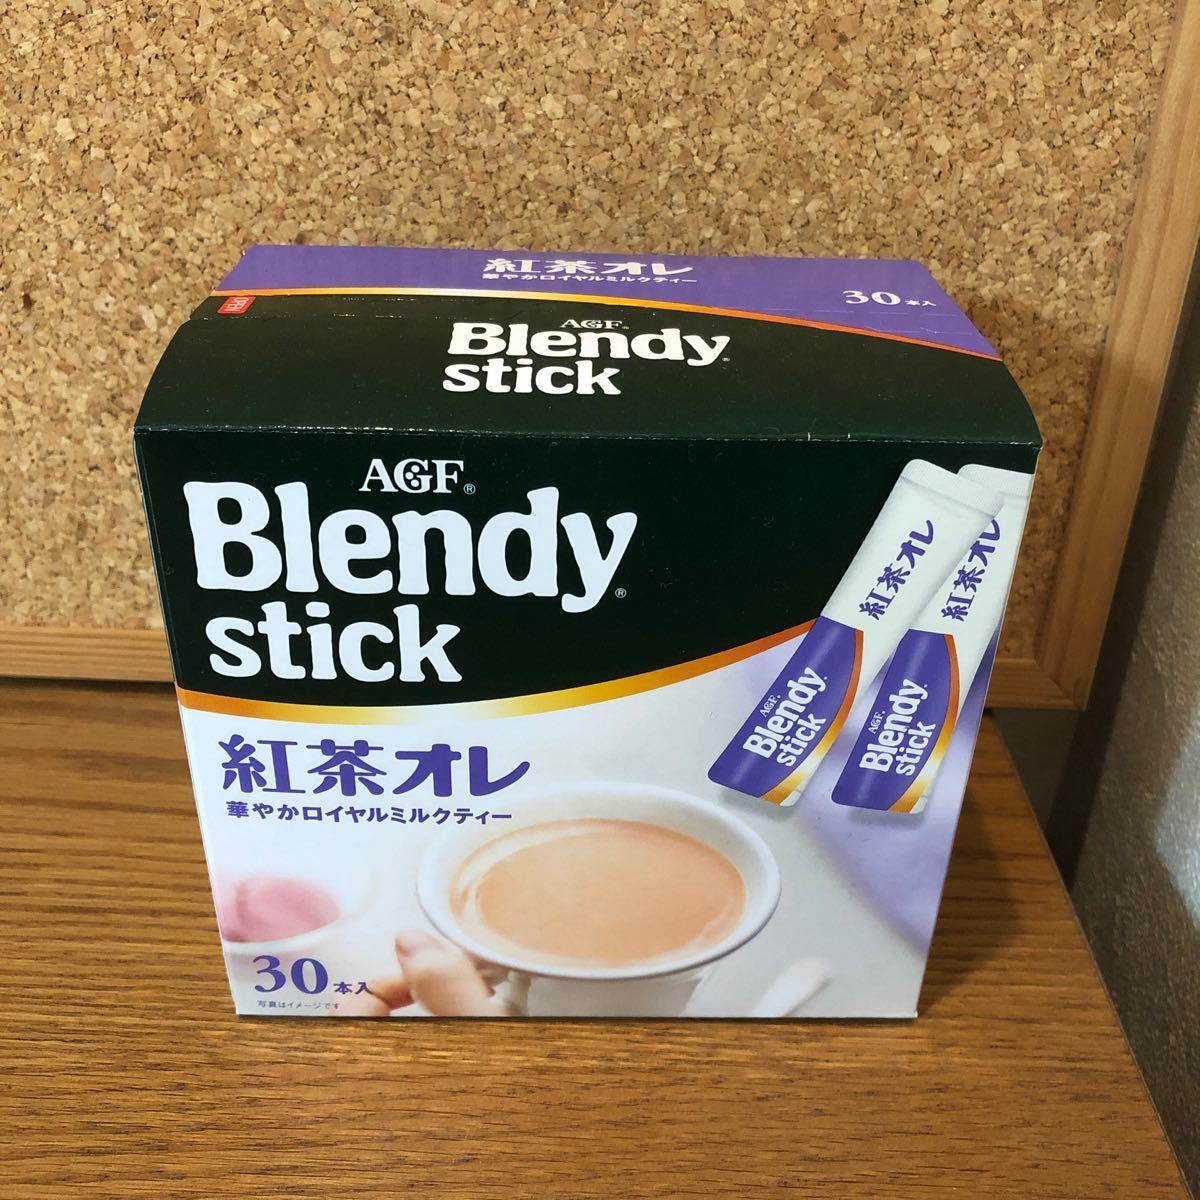 ブレンディスティック 紅茶オレ AGF